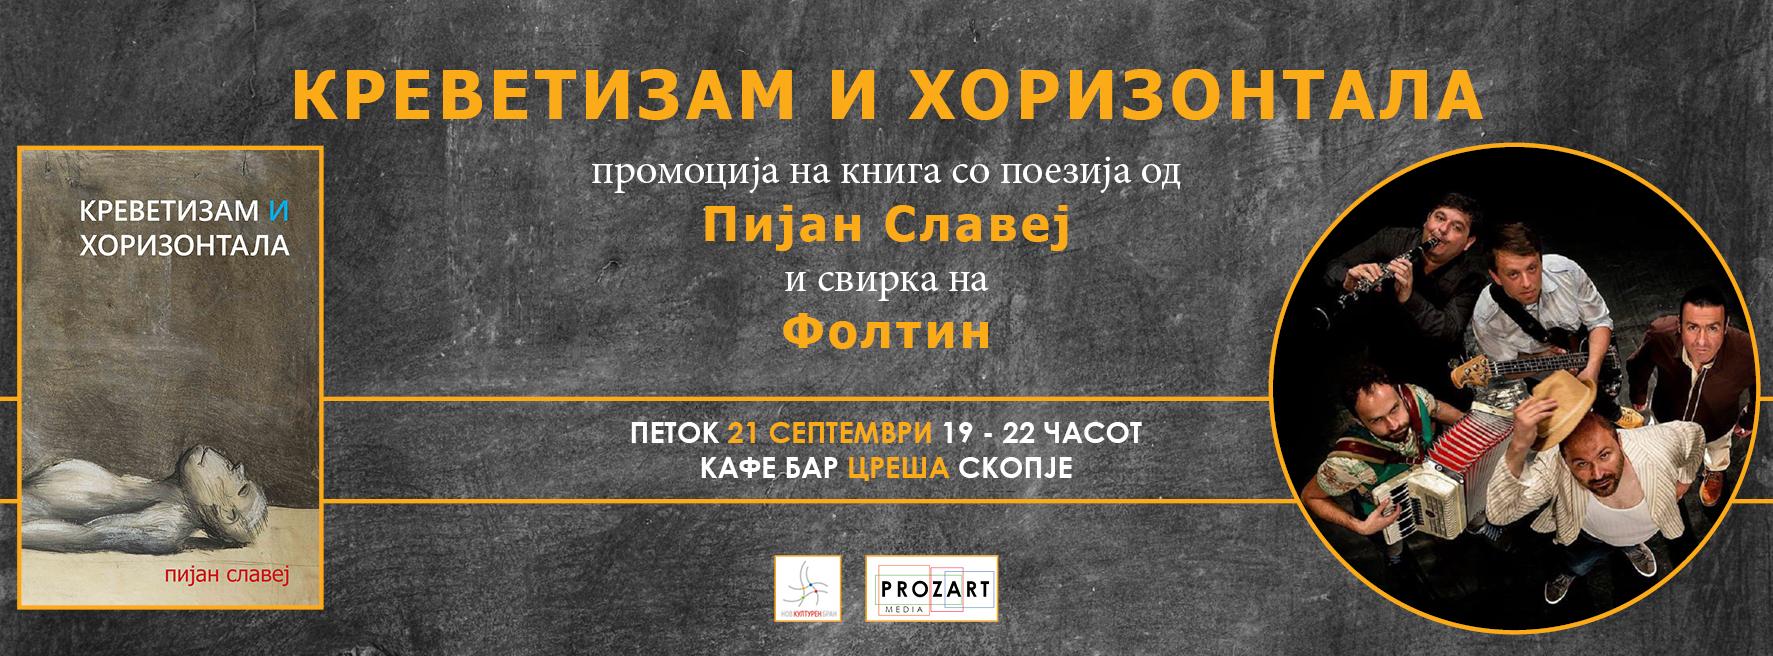 """Промоција на """"Креветизам и хоризонтала"""" од Пијан Славеј во Скопје"""